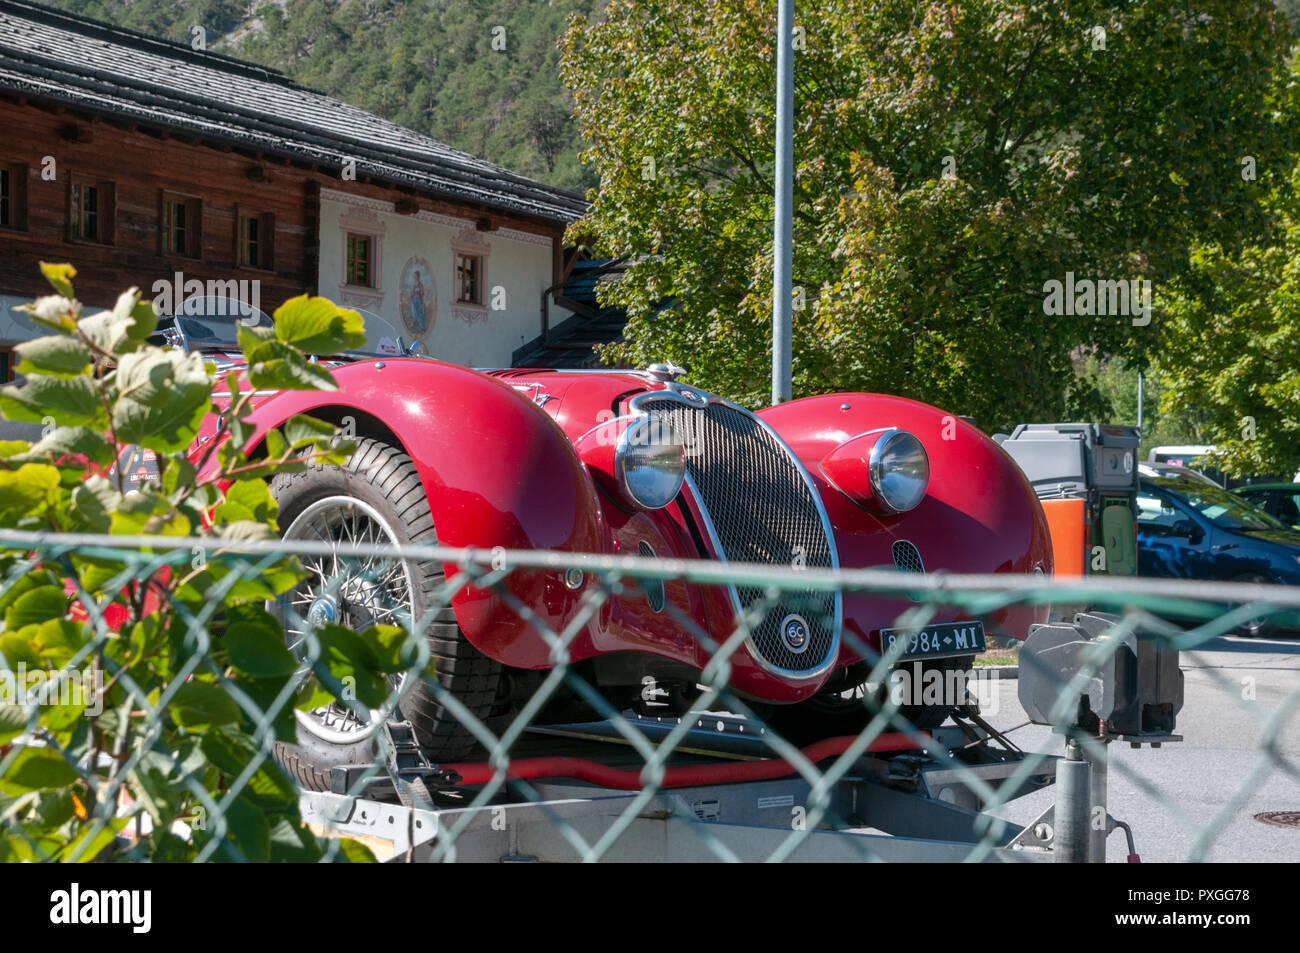 1939 Alfa Romeo 6C 2500 Super Sport Corsa - Vista frontal Imagen De Stock